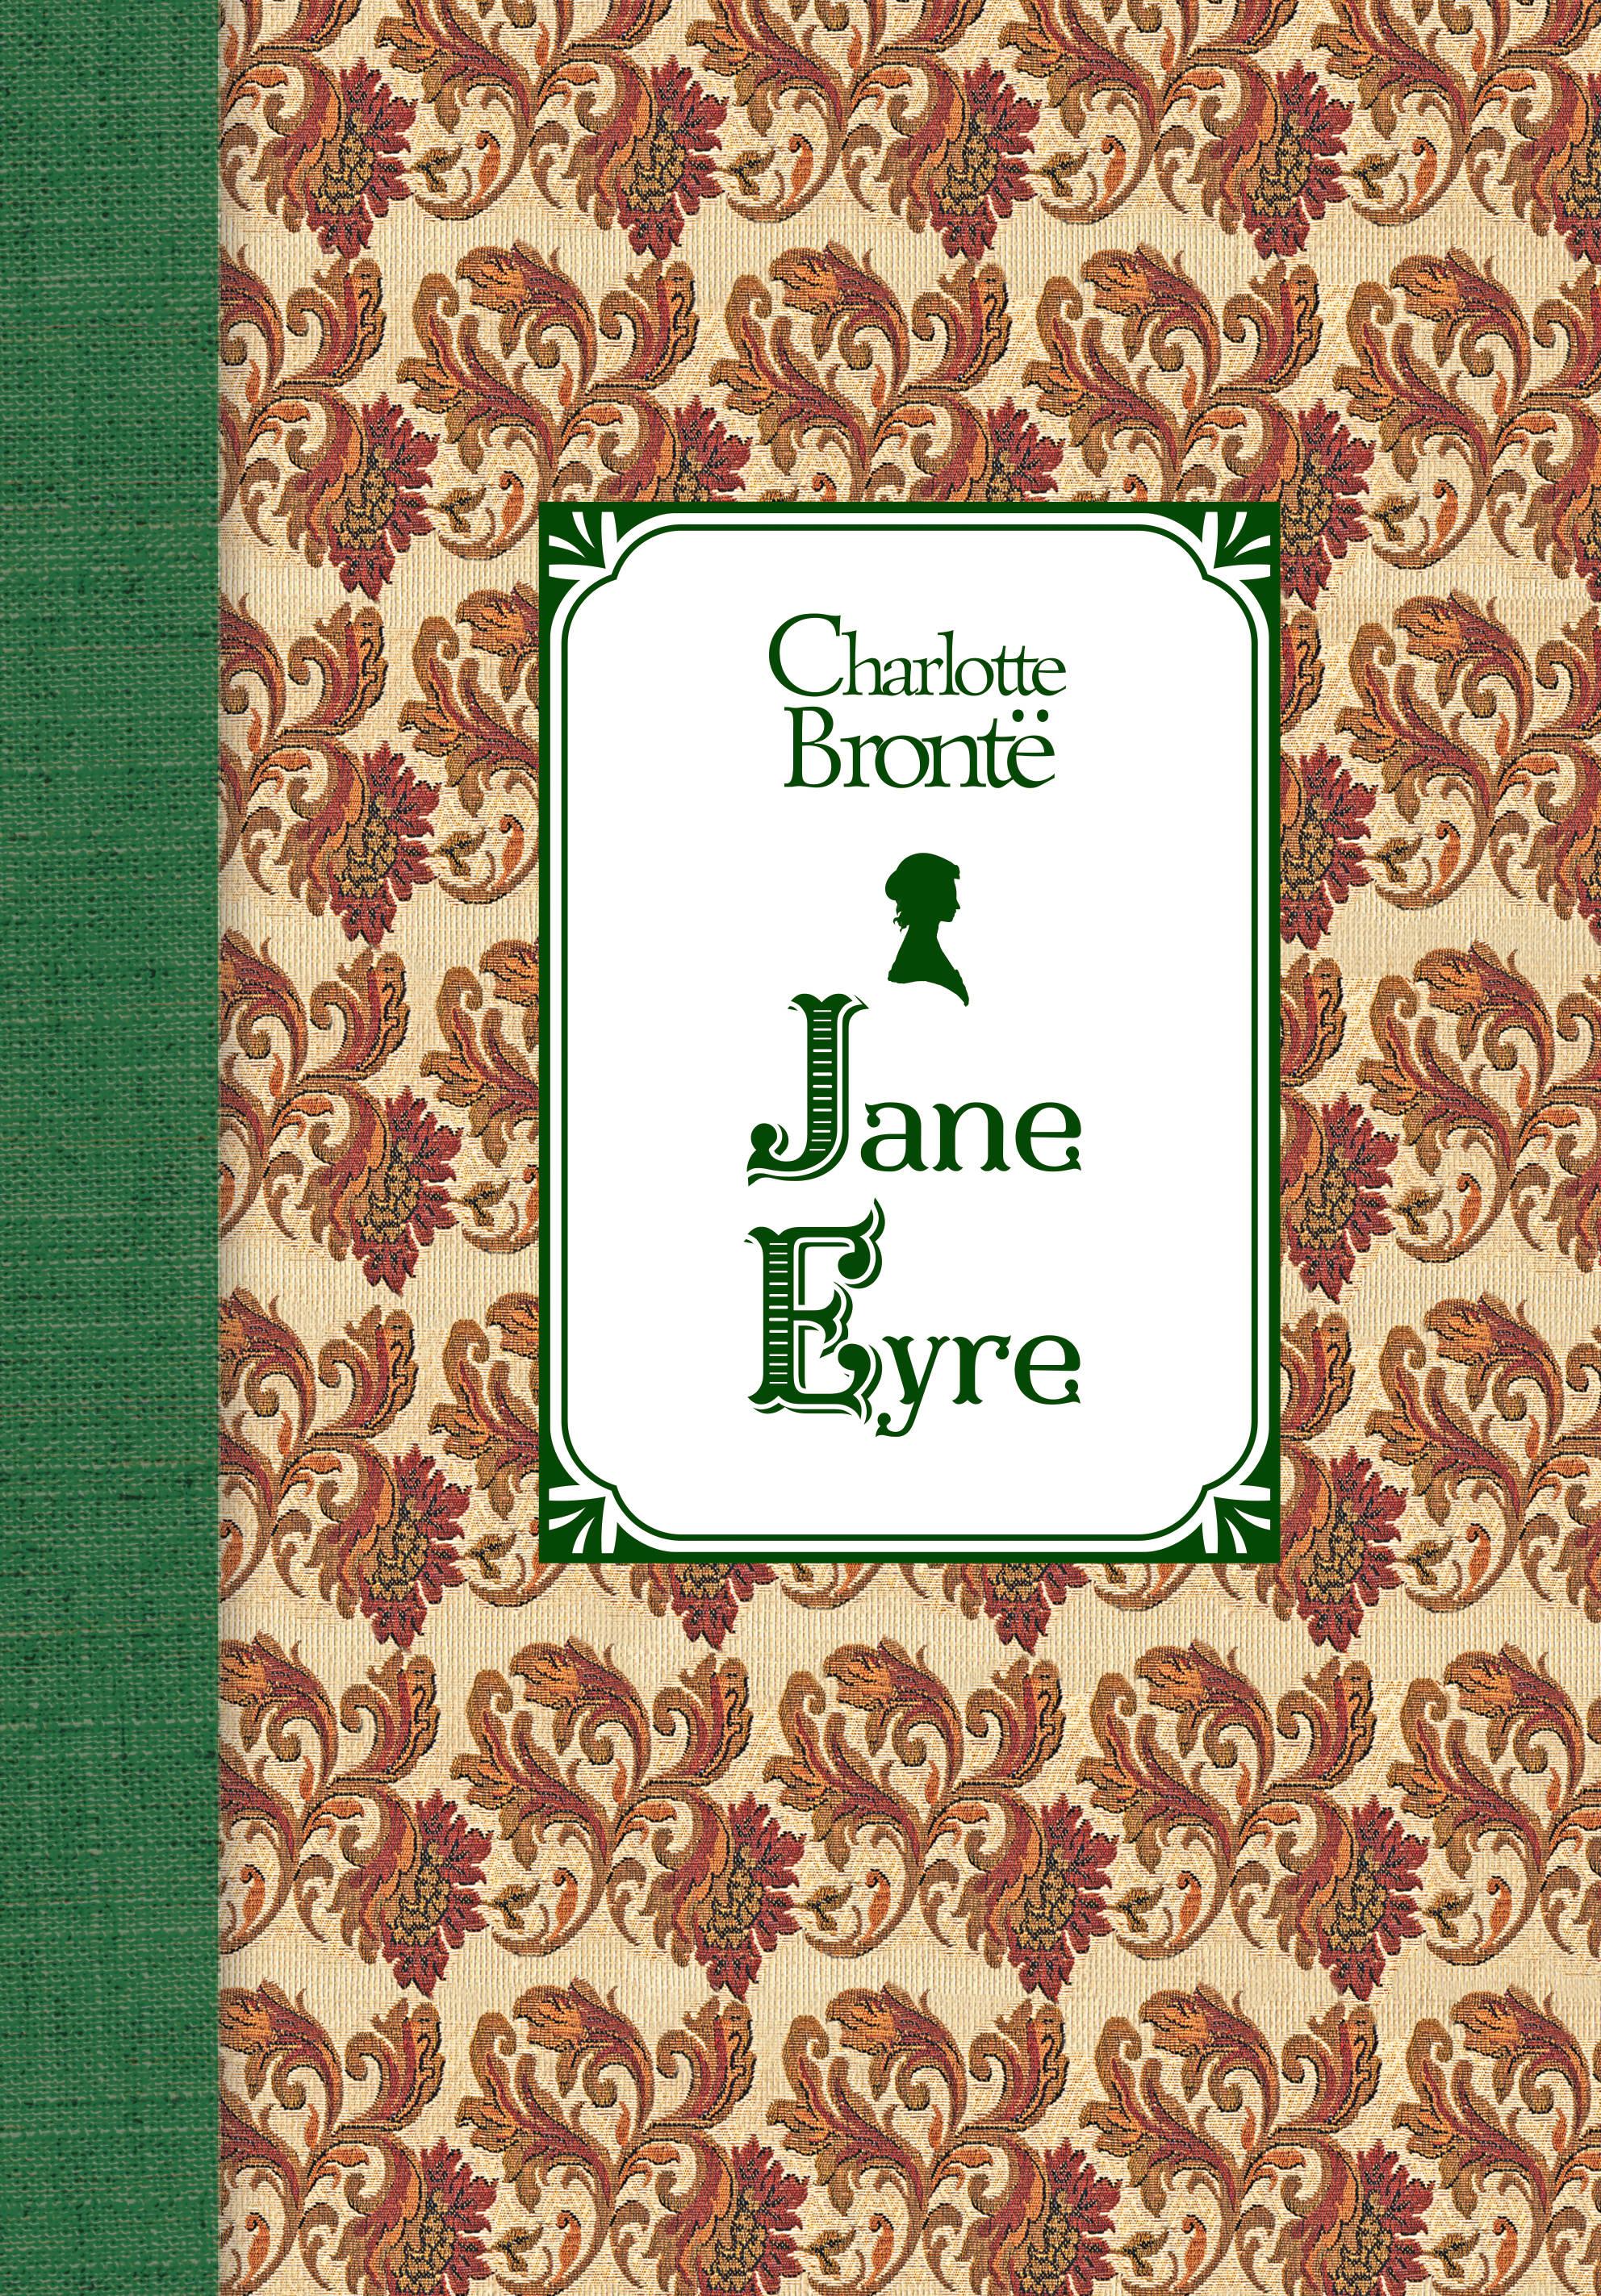 Charlotte Bronte Jane Eyre bronte c bronte jane eyre